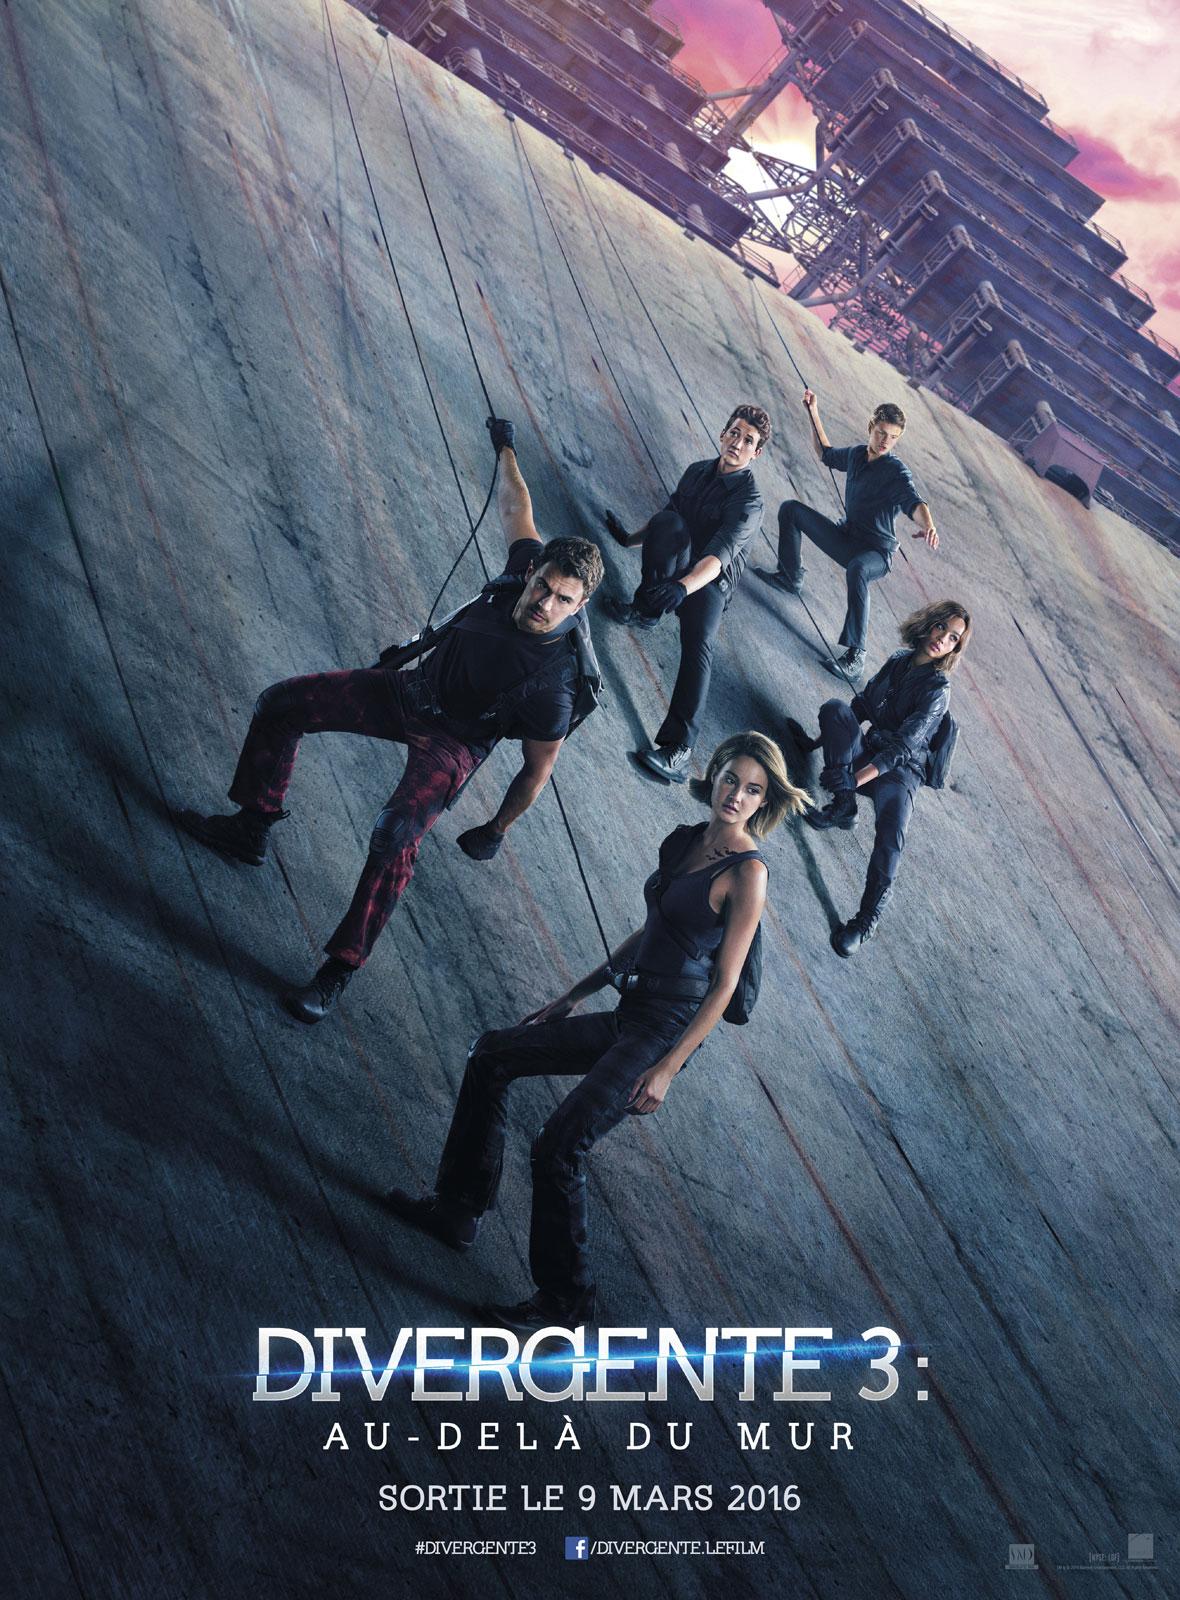 divergente 3 trailer